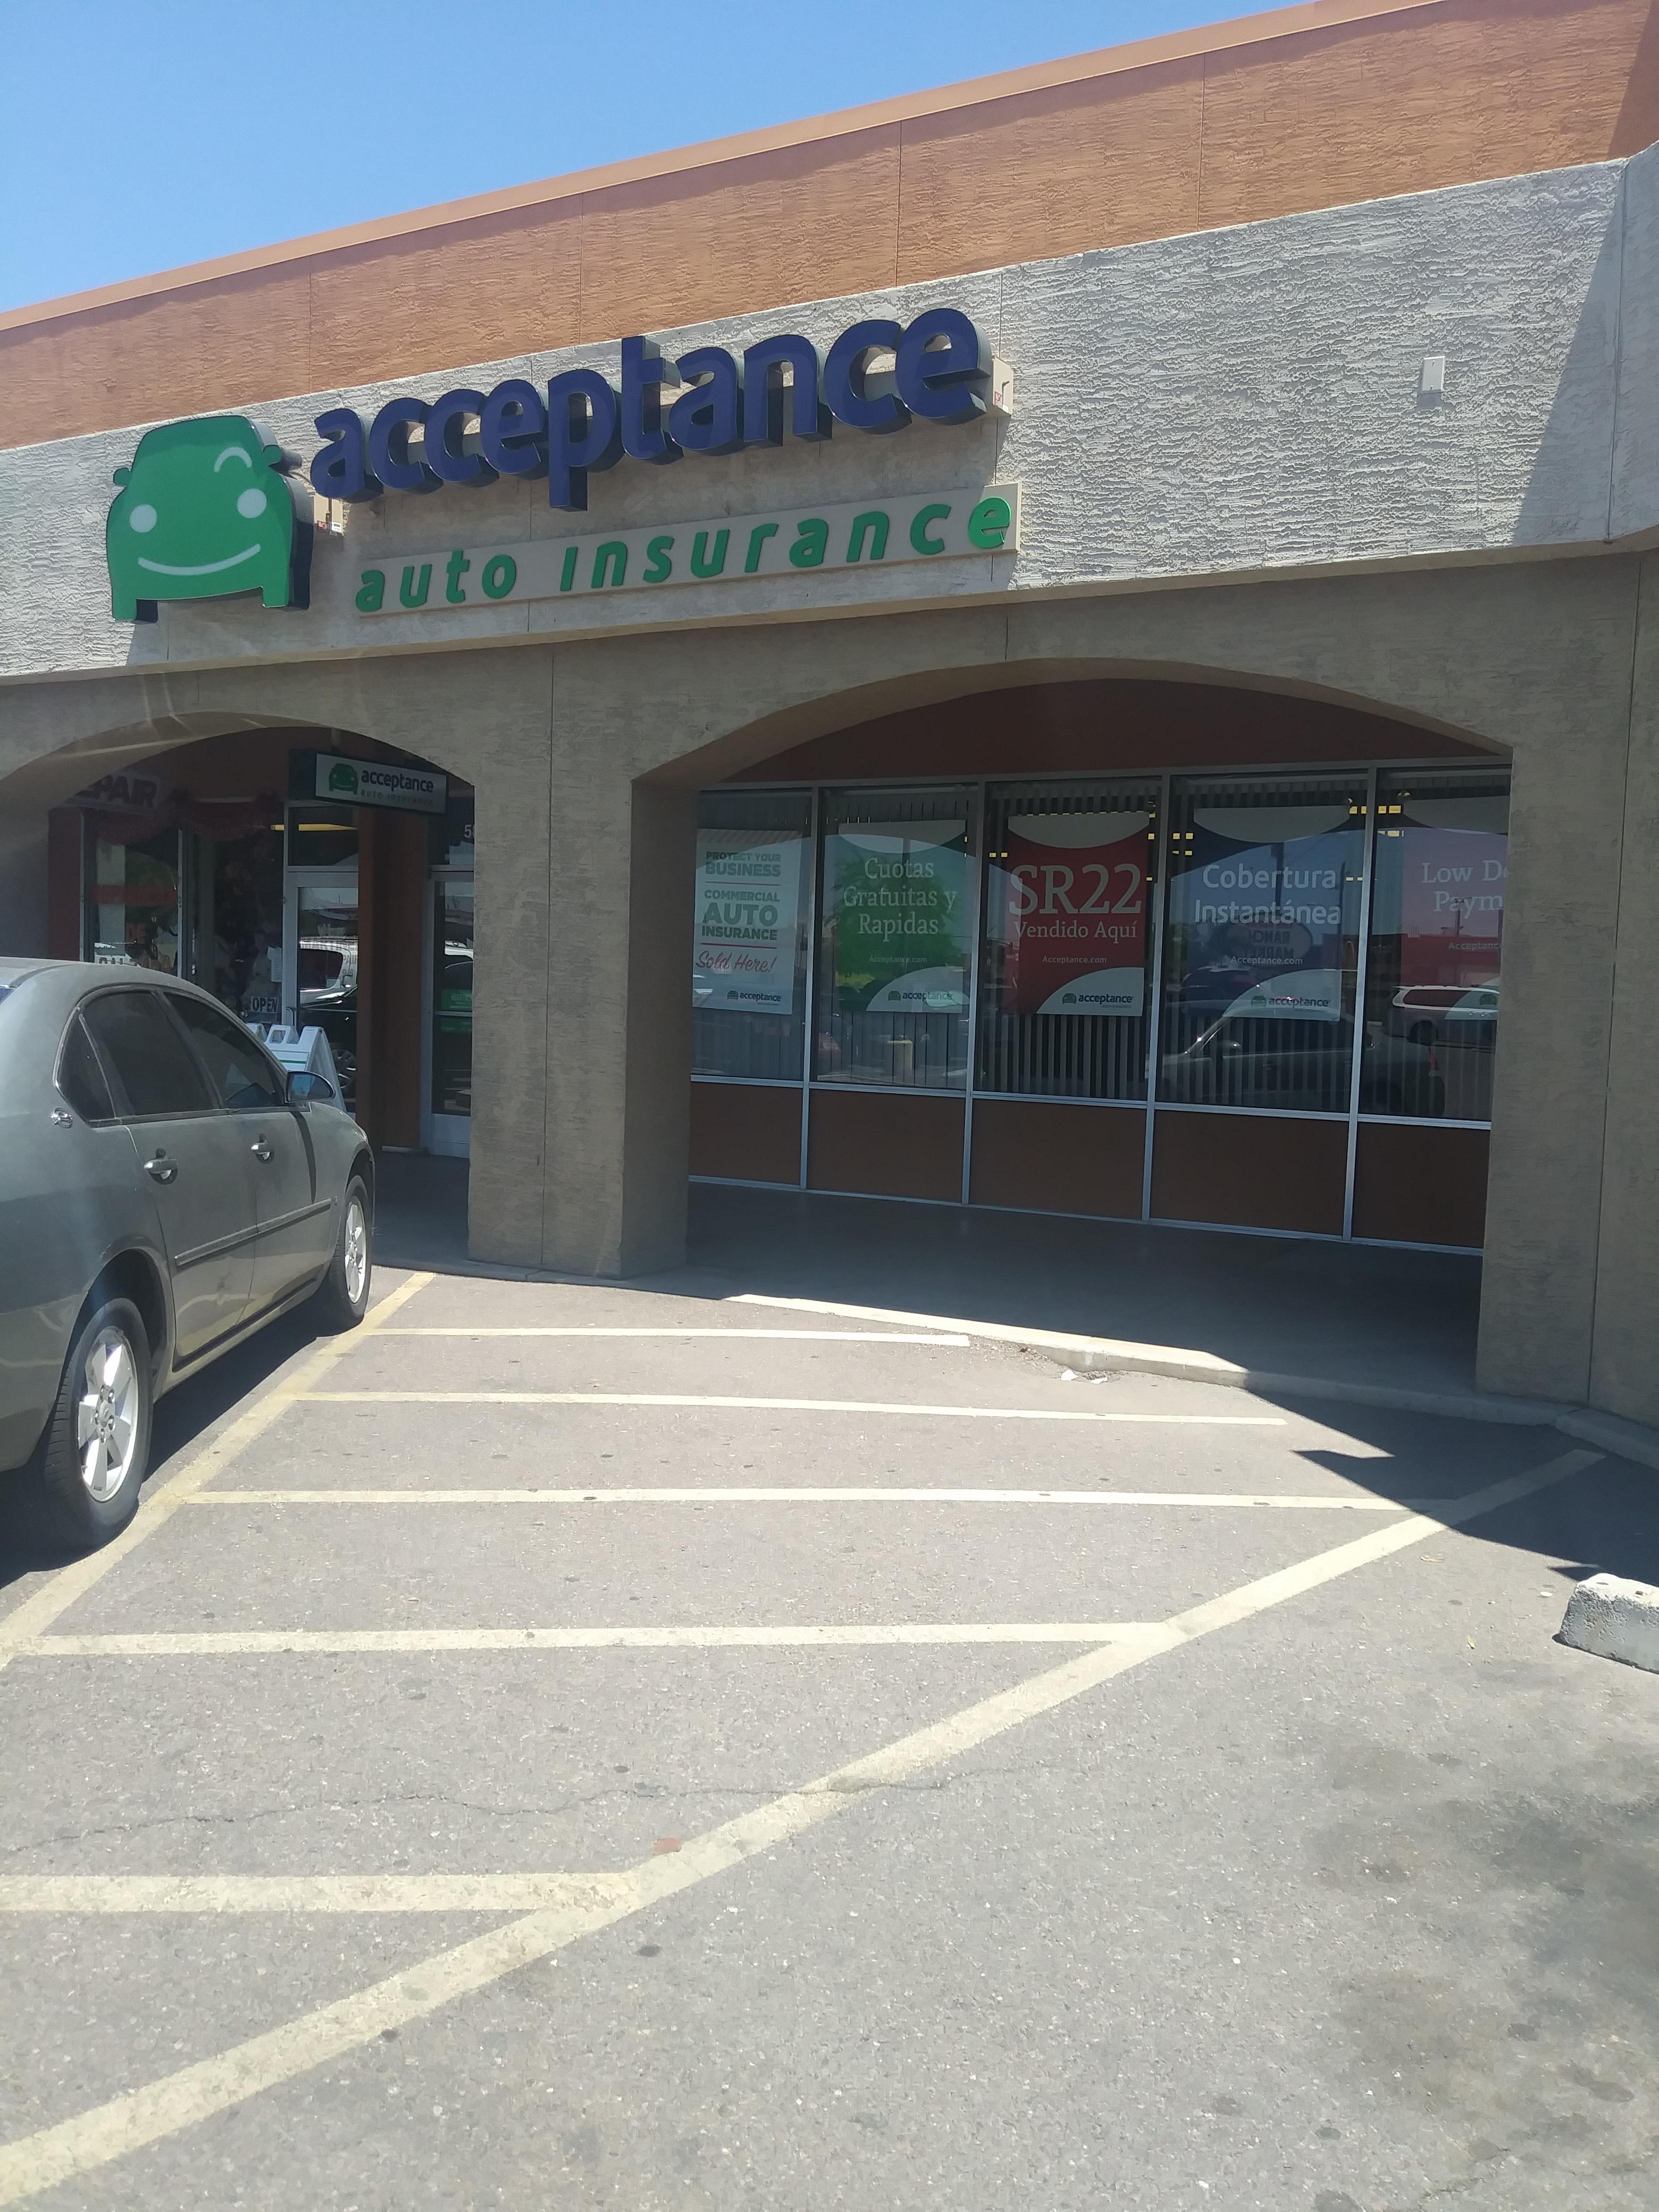 Acceptance Insurance - Phoenix, AZ 85040 - (602)232-2295 | ShowMeLocal.com